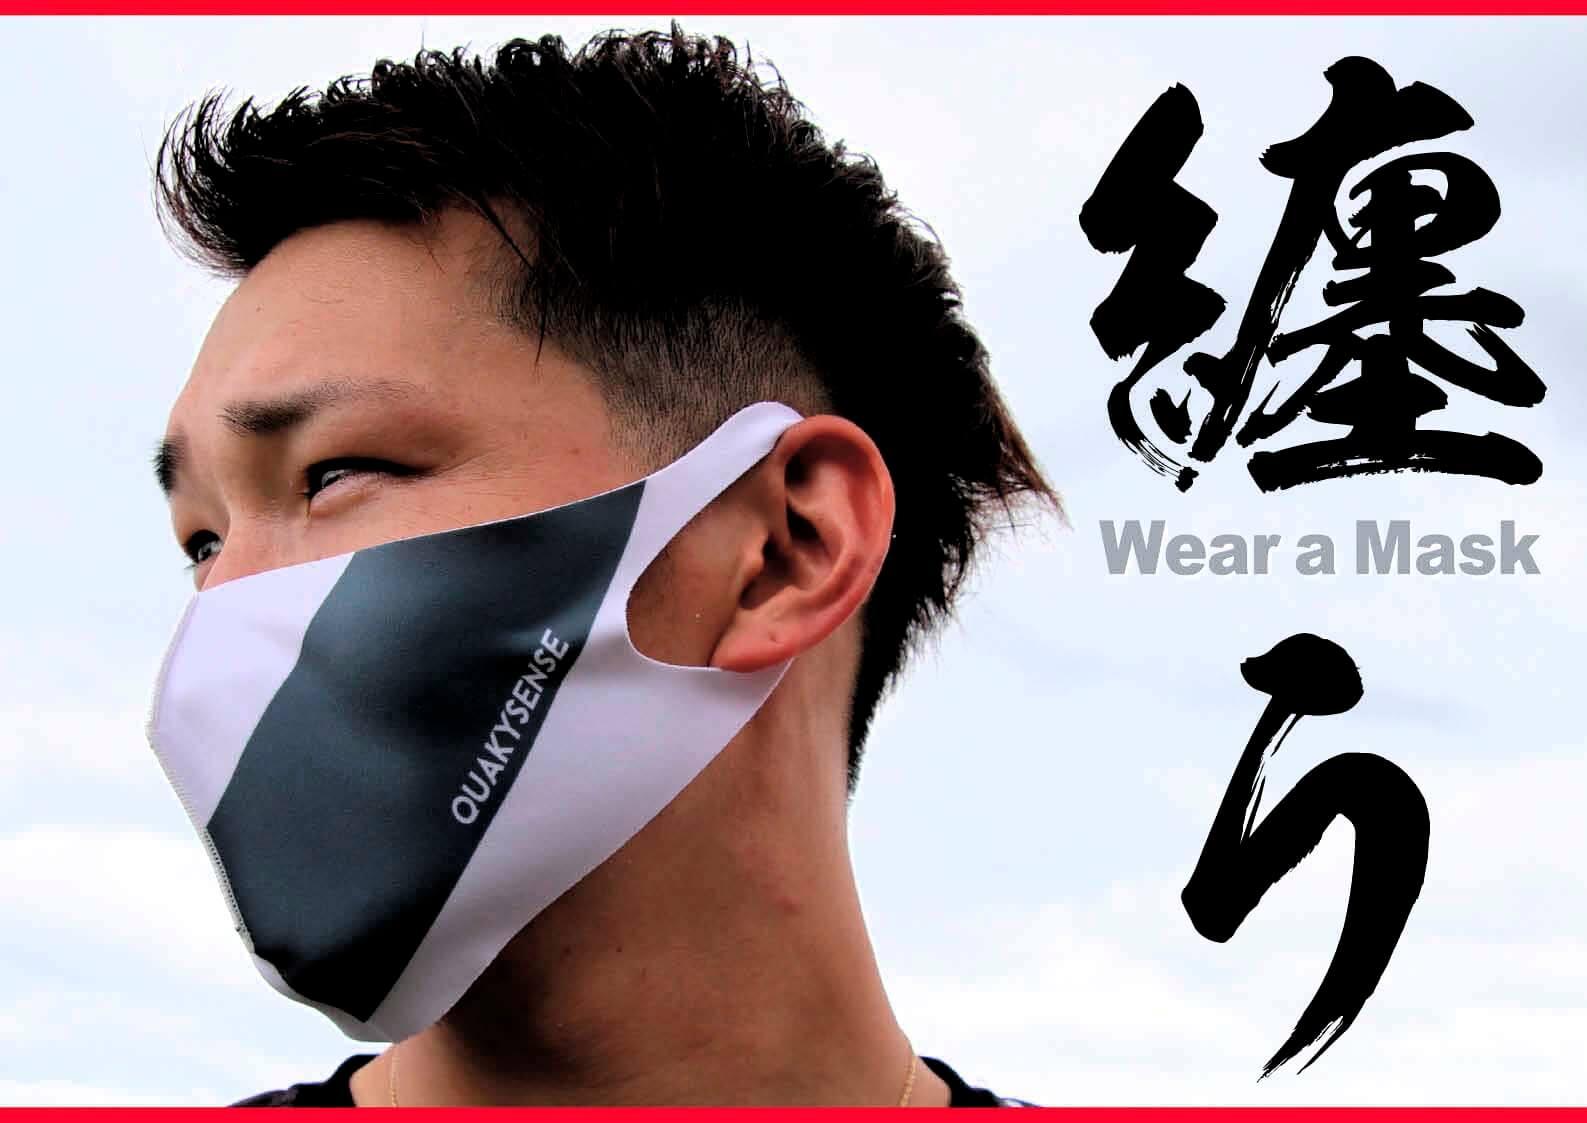 今の世の中「マスクがマナー」 オシャレで涼しくて洗えるマスク クエーキーセンスの「冷感・速乾マスク」 ジェットスキー(水上バイク)